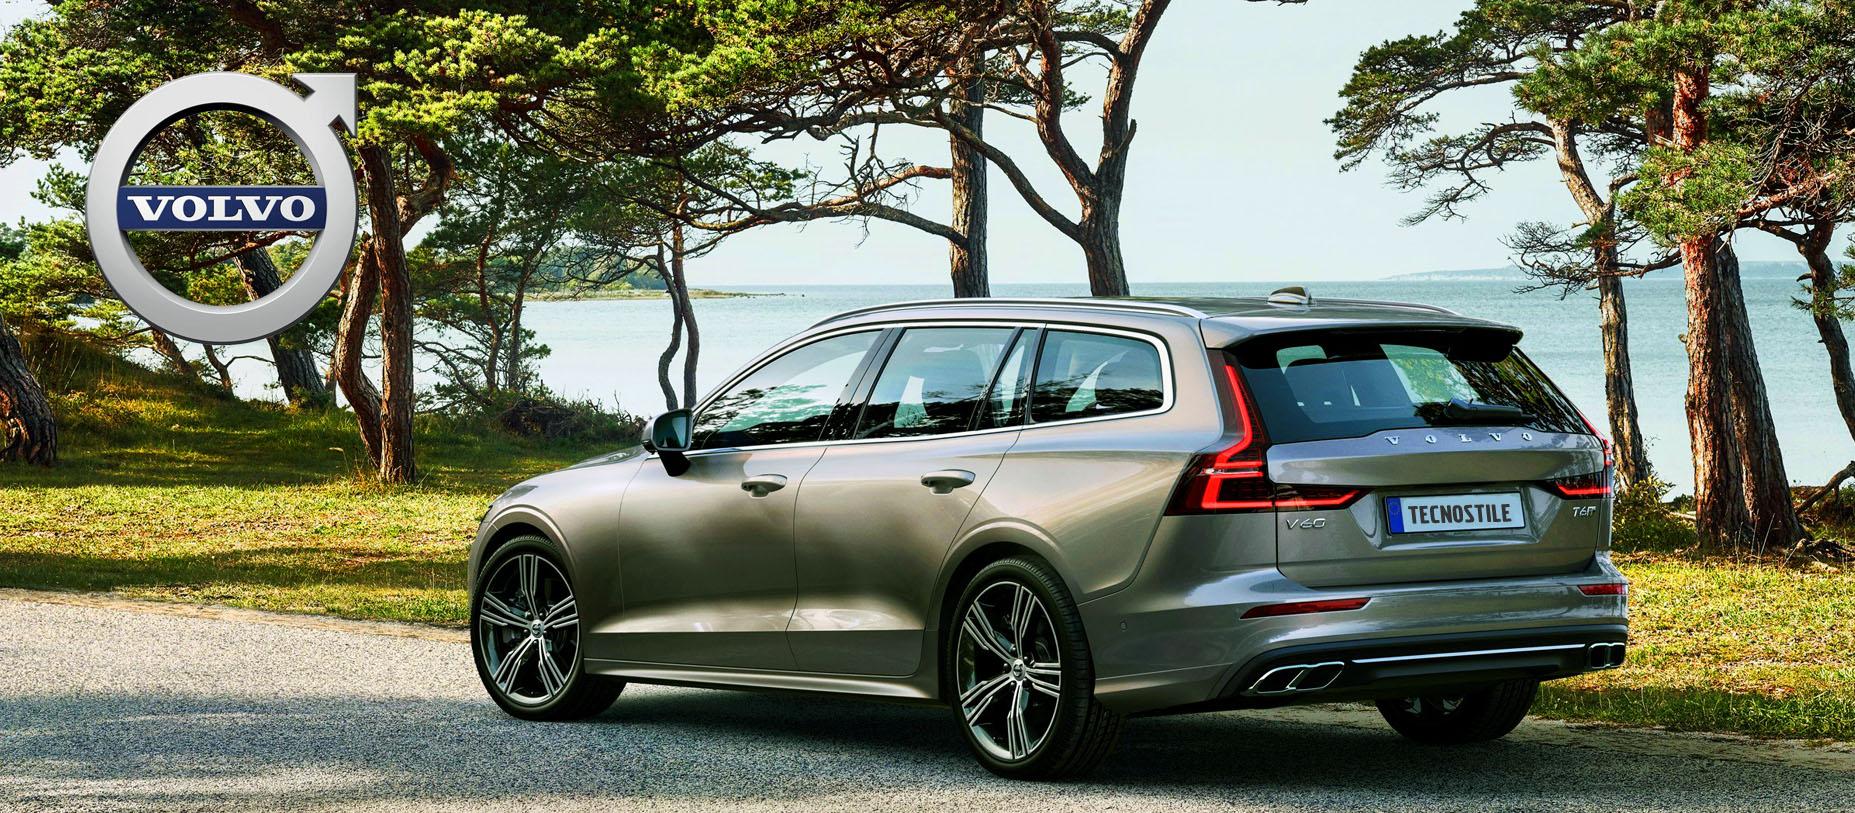 Volvo V60 tecnostile